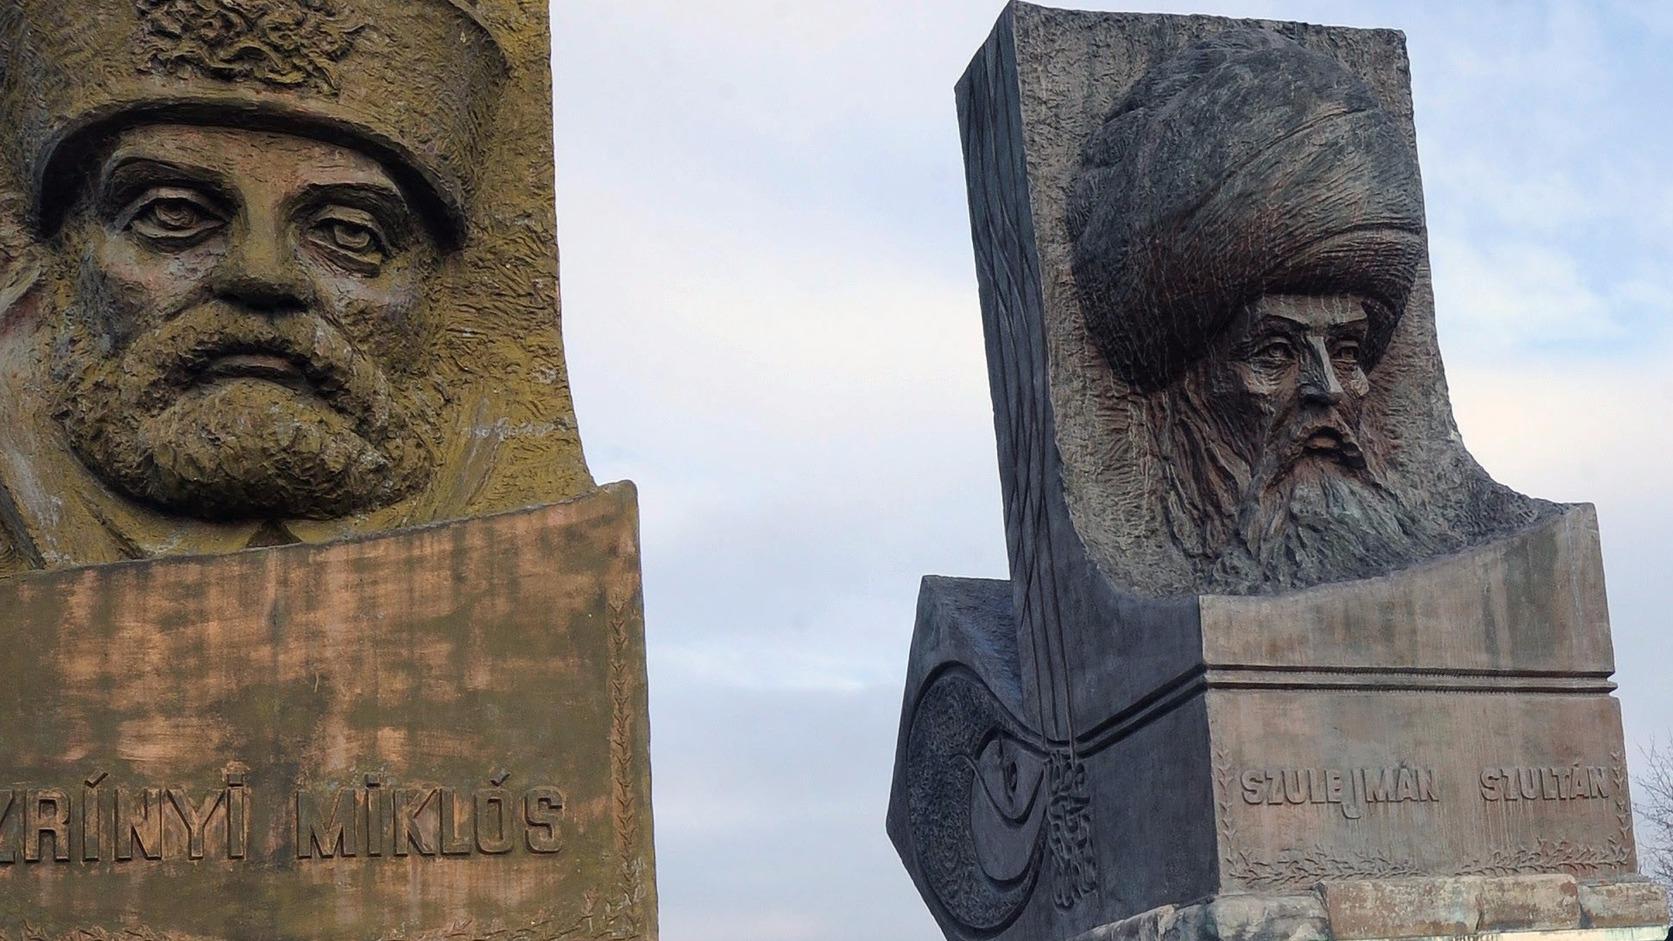 Szita Károly kaposvári polgármester (j) és Hilmi Türkmen, a török testvérváros, Üsküdar polgármestere, miután megkoszorúzták Zrínyi Miklós és Szulejmán szultán szobrát a Magyar-Török Barátság Parkban Szigetvár közelében 2015. december 19-én. A török vendégek felkeresték I. Szulejmán szultán nemrégiben feltárt sírhelyét (türbéjét), az egykori mauzóleumot szigetvár-turbéki szőlőhegyen. MTI Fotó: Lendvai Péter